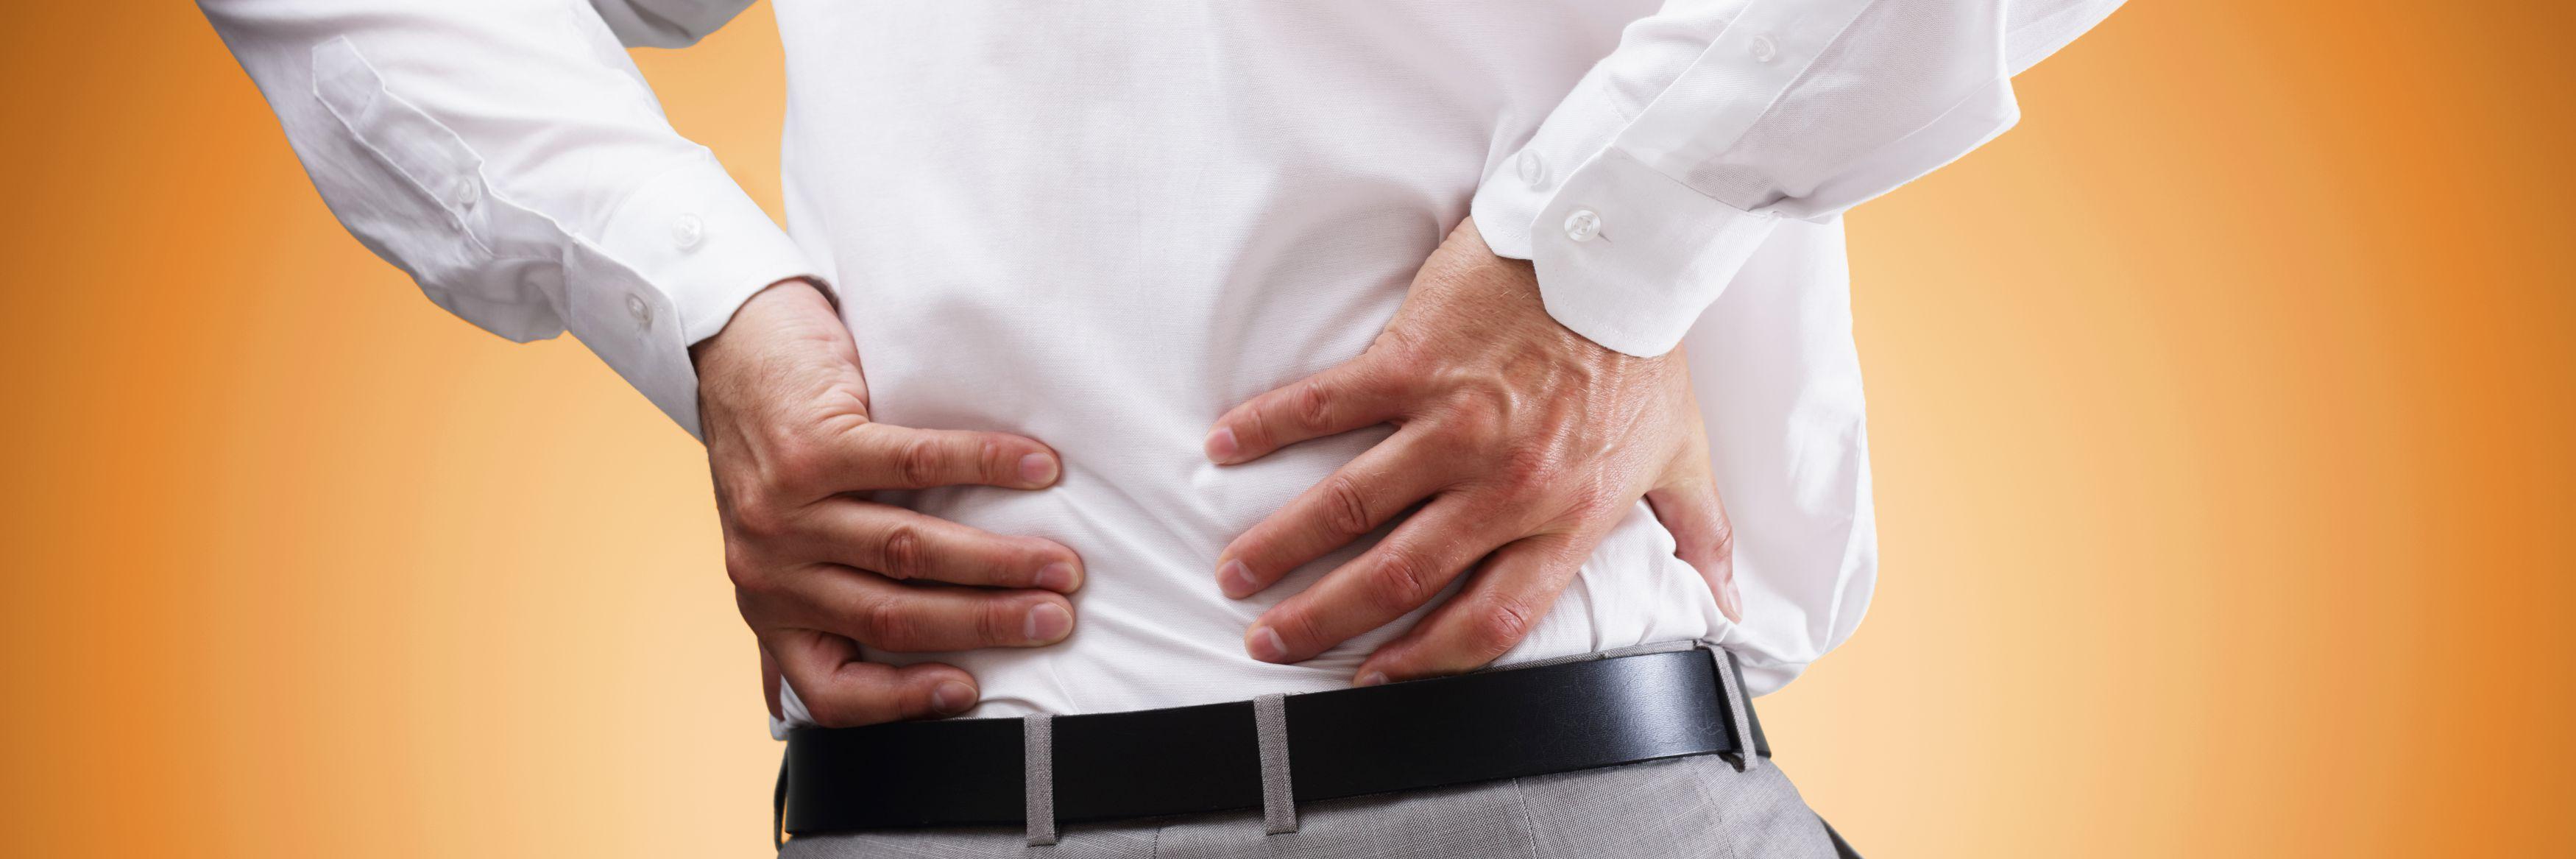 Болни воспалителни состојби и отоци